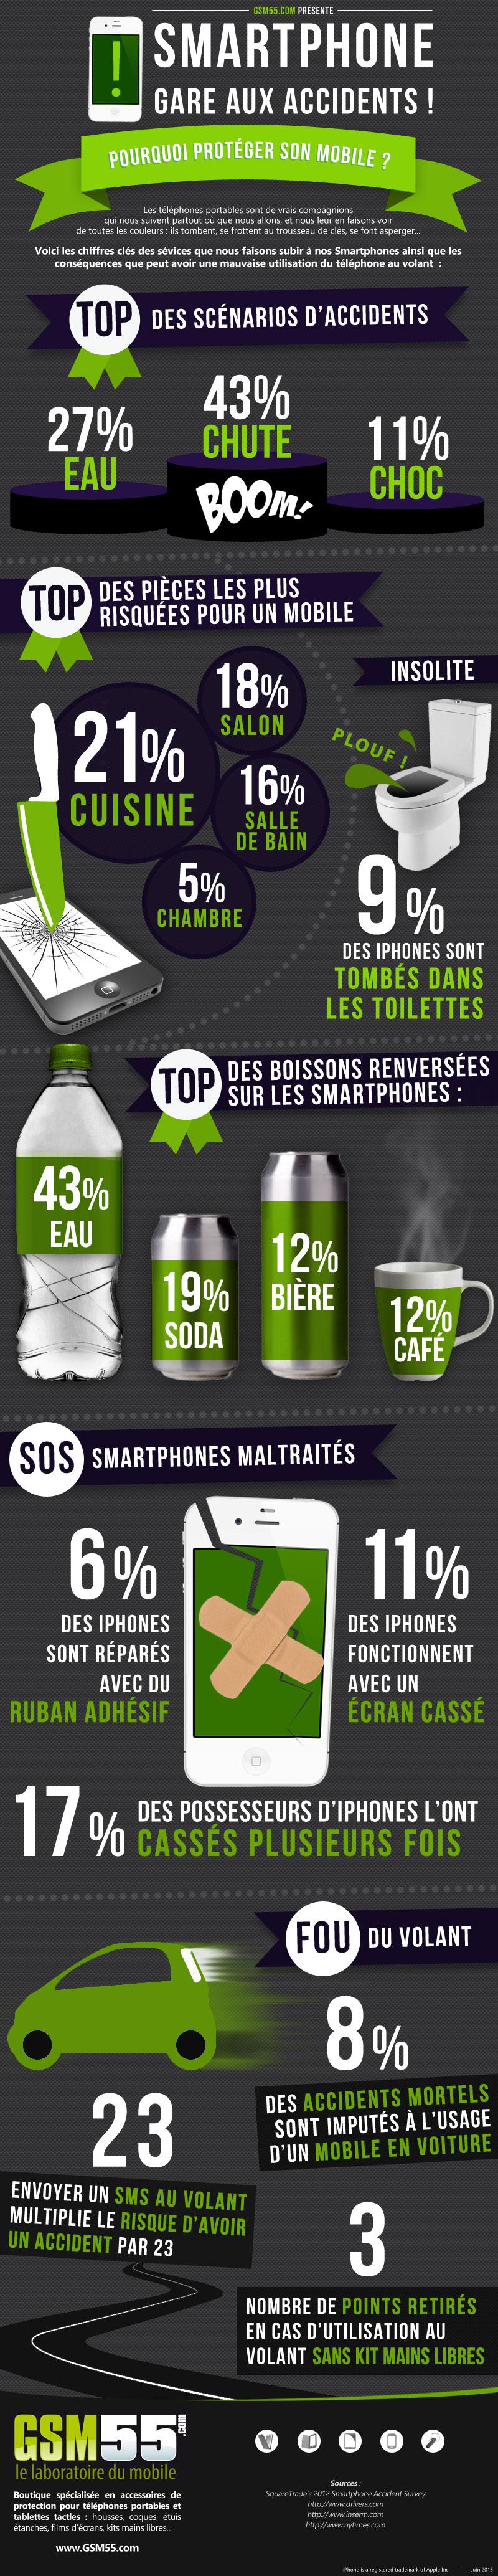 Infographie accidents smartphones